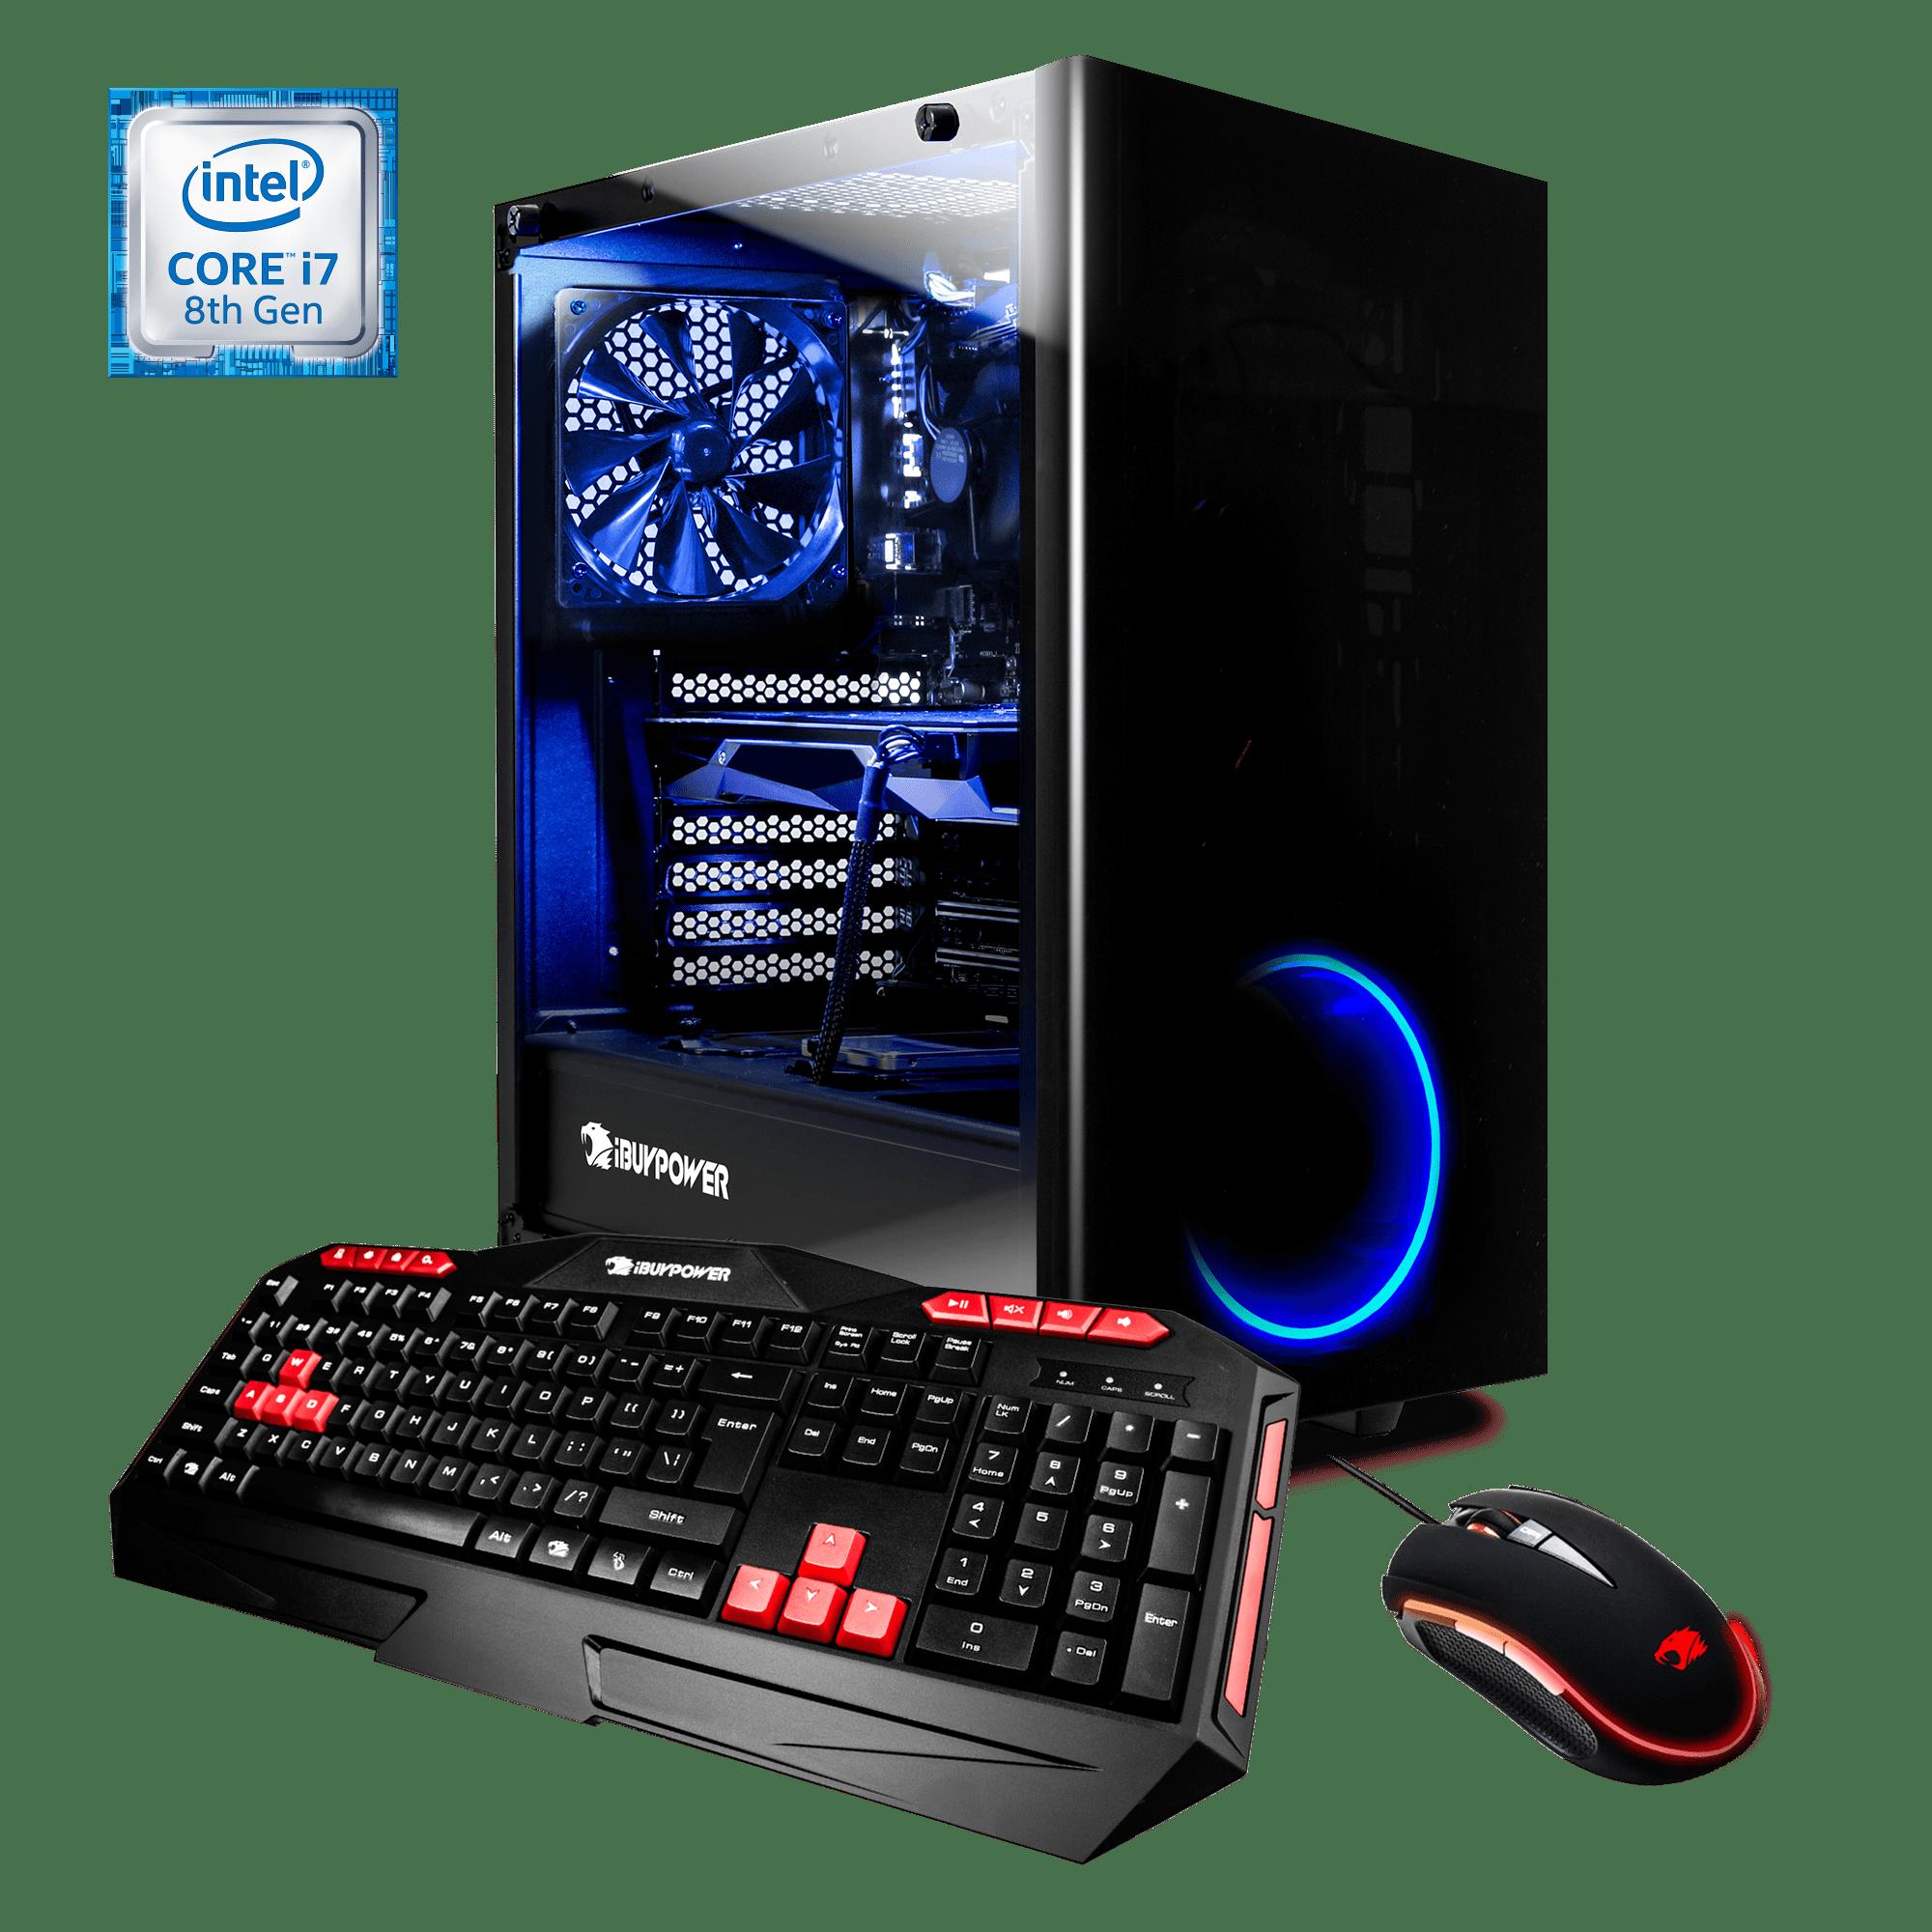 iBUYPOWER WA054i - Gaming Desktop PC - VR Ready - Intel i9 9900k - 16GB DDAR4 2666 Memory - NVIDIA GeForce RTX 2080 Ti 11GB - 240GB SSD - 1TB Hard Drive - Wi-Fi - RGB - Windows 10 Home 64-Bit